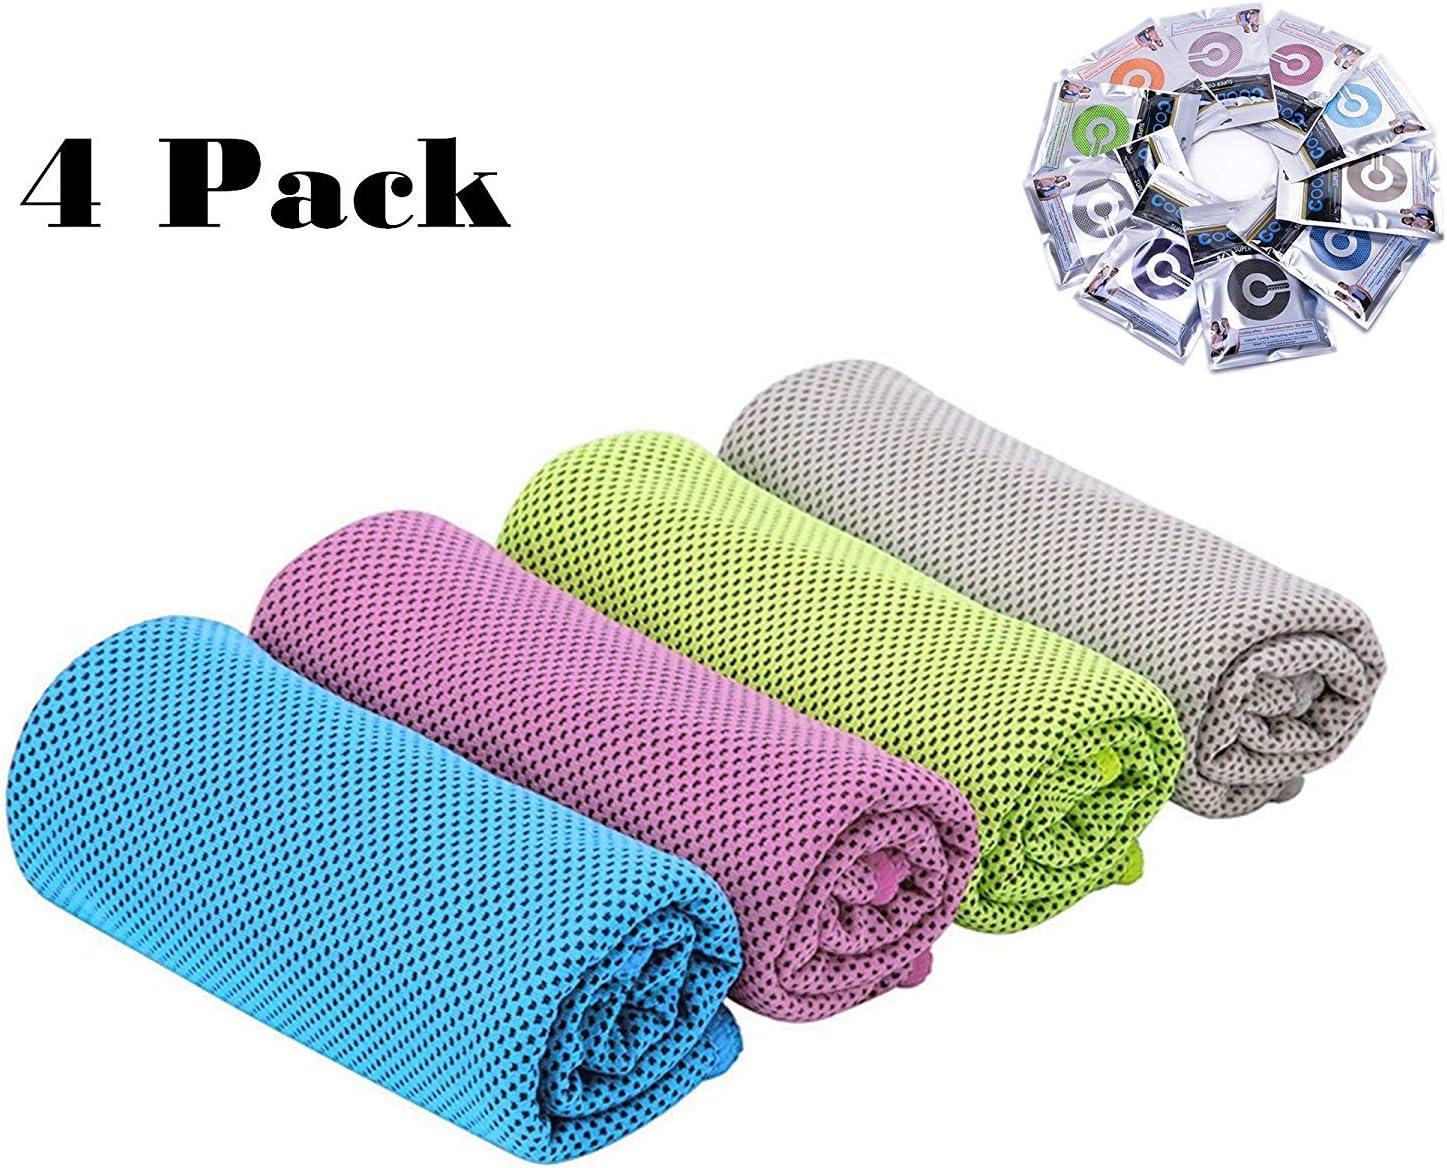 Yoga Senderismo Camping Pilates Correr Gimnasio Viajes Fitness CC CAIHONG Toallas de refrigeraci/ón de Microfibra Multiusos de Secado r/ápido para Cuello Toallas de Hielo para Entrenamiento